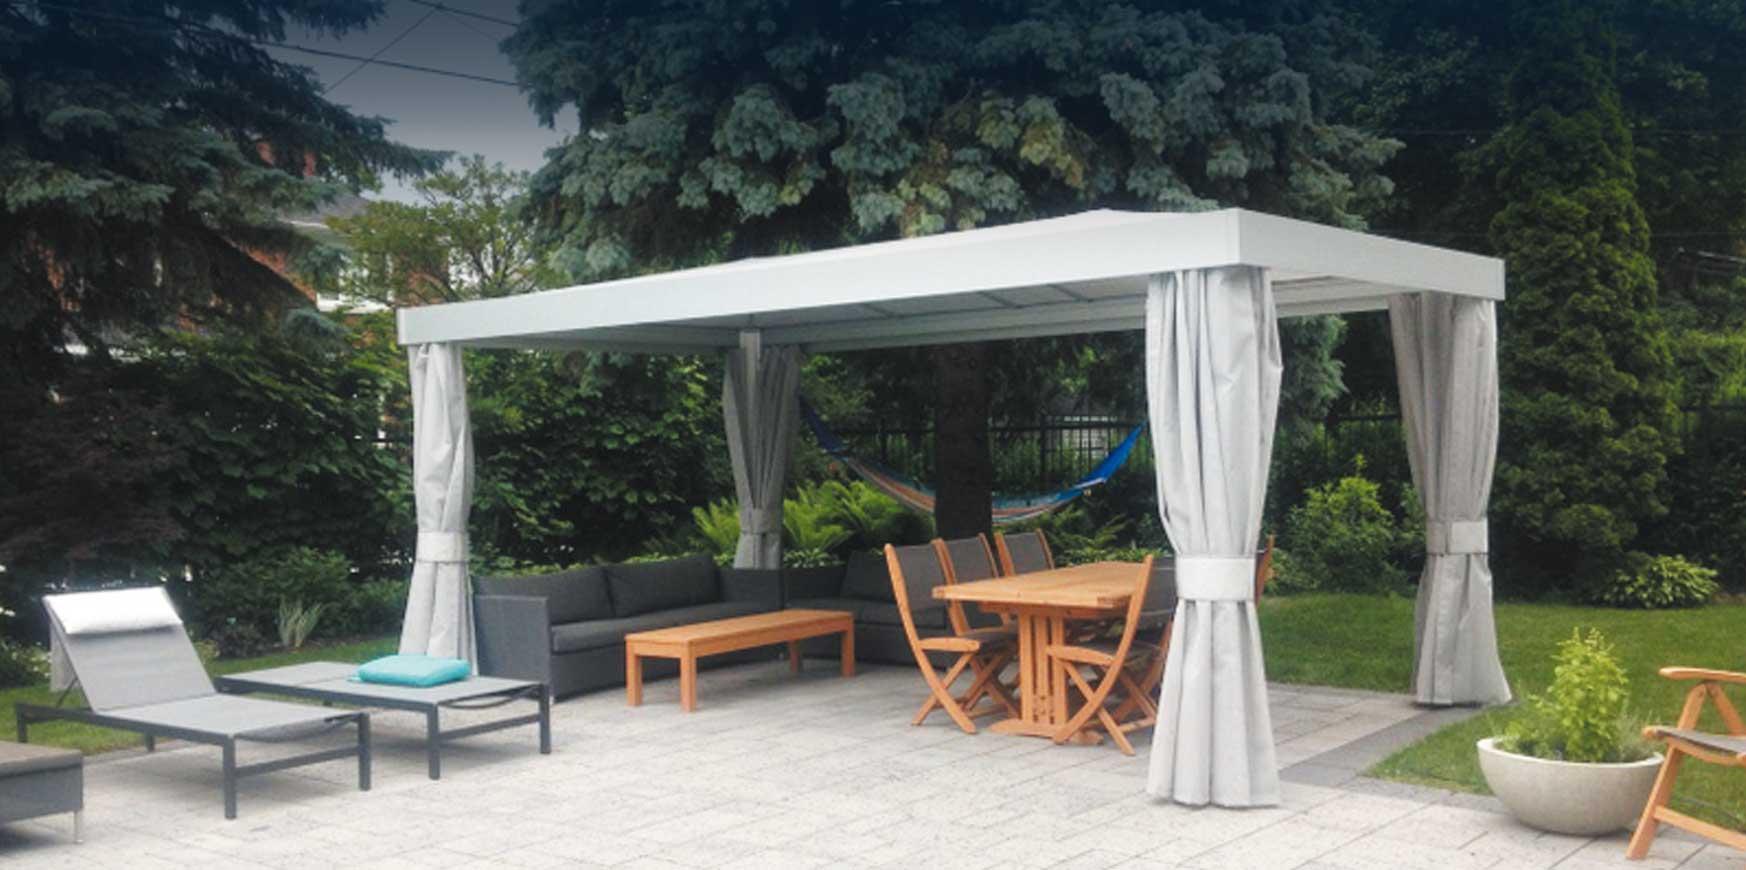 Installation Jm: Spécialiste Auvent Et Abri De Jardin pour Auvent De Jardin En Toile